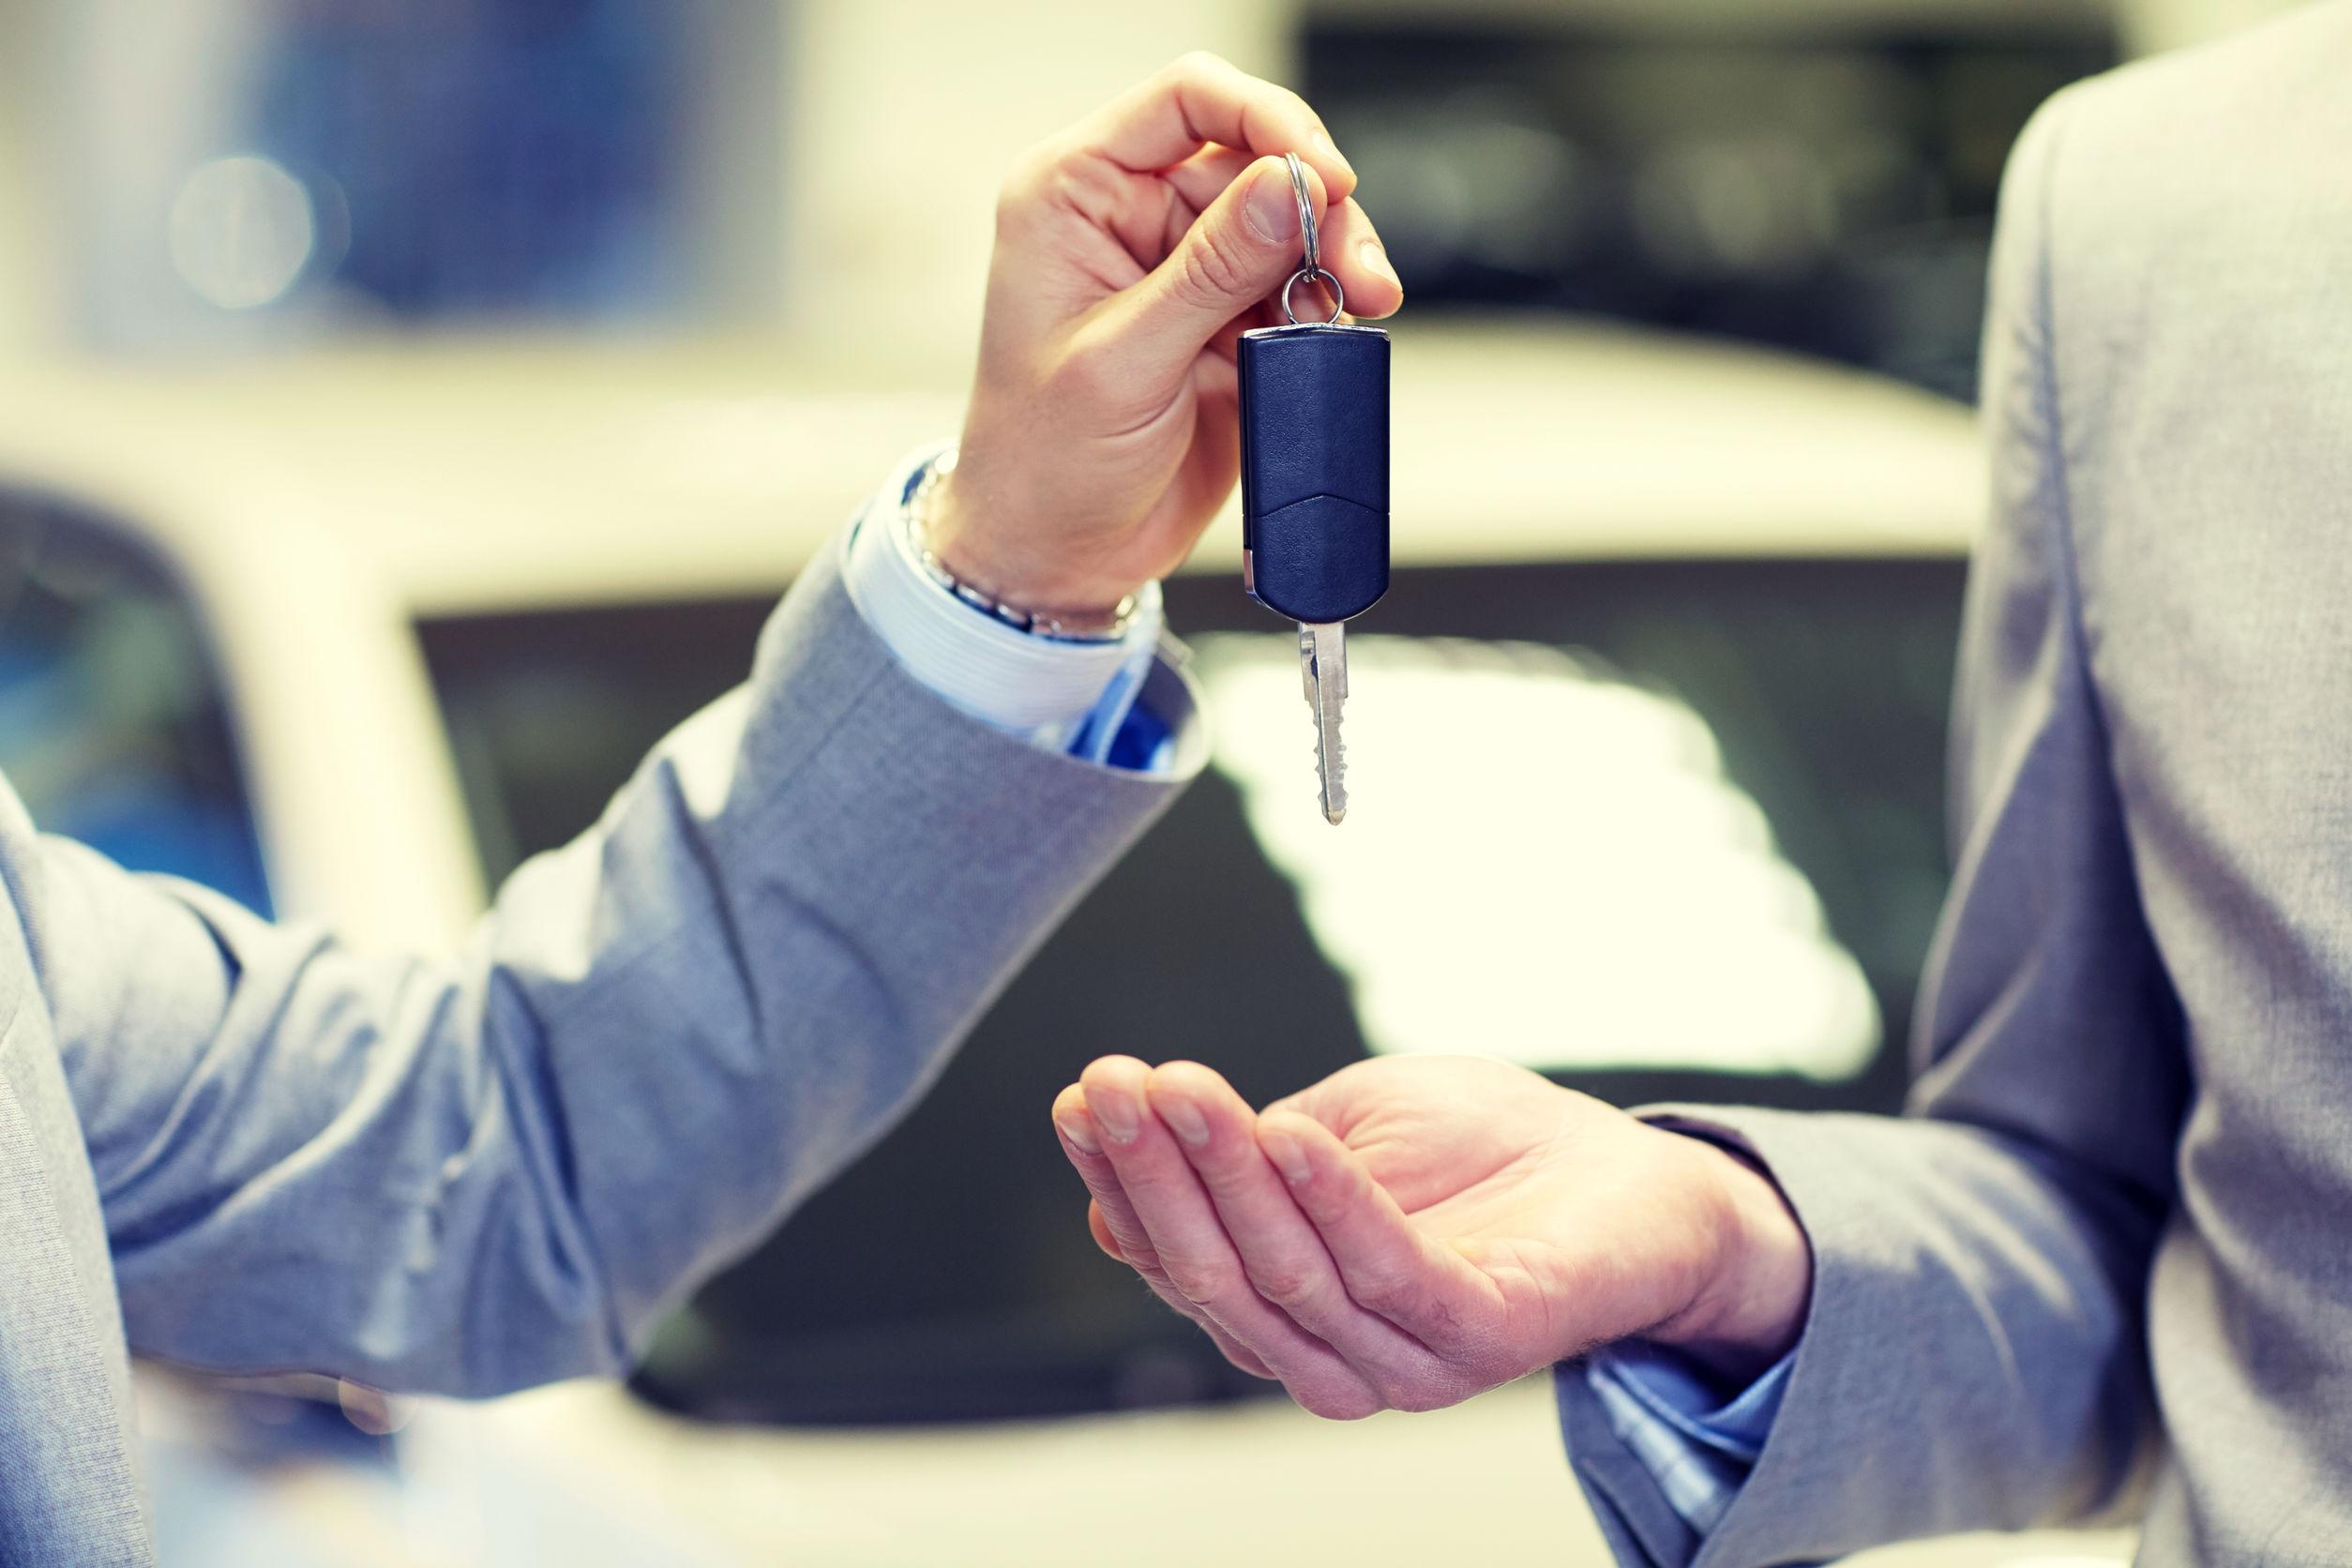 Autokreditvergleich: Die besten Autokredite (09/20)